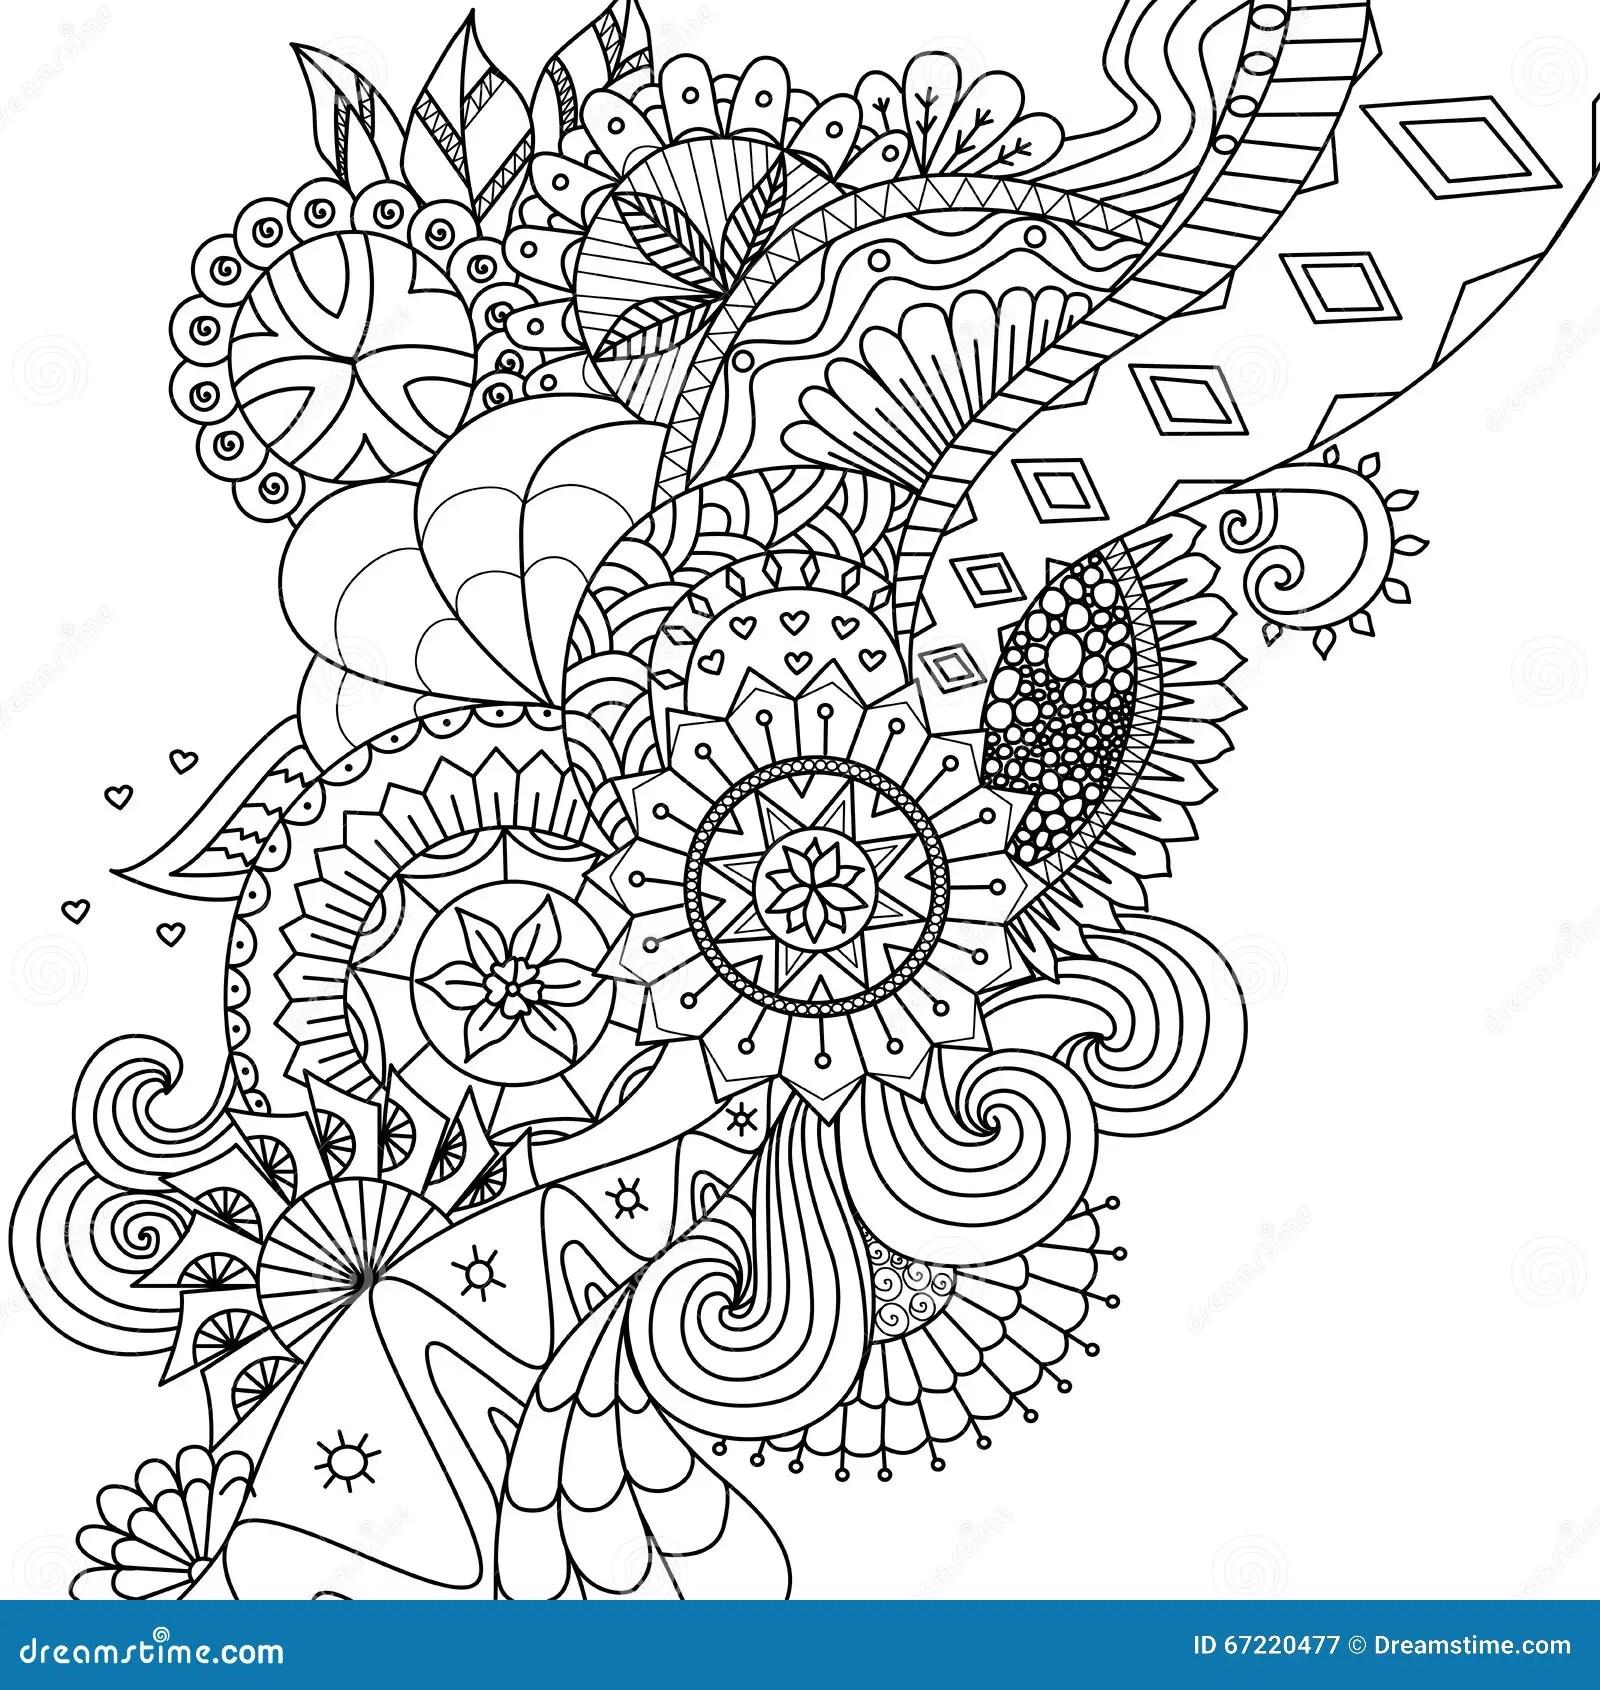 Mandala Blht Fr Malbuch Fr Erwachsene Oder Hintergrund